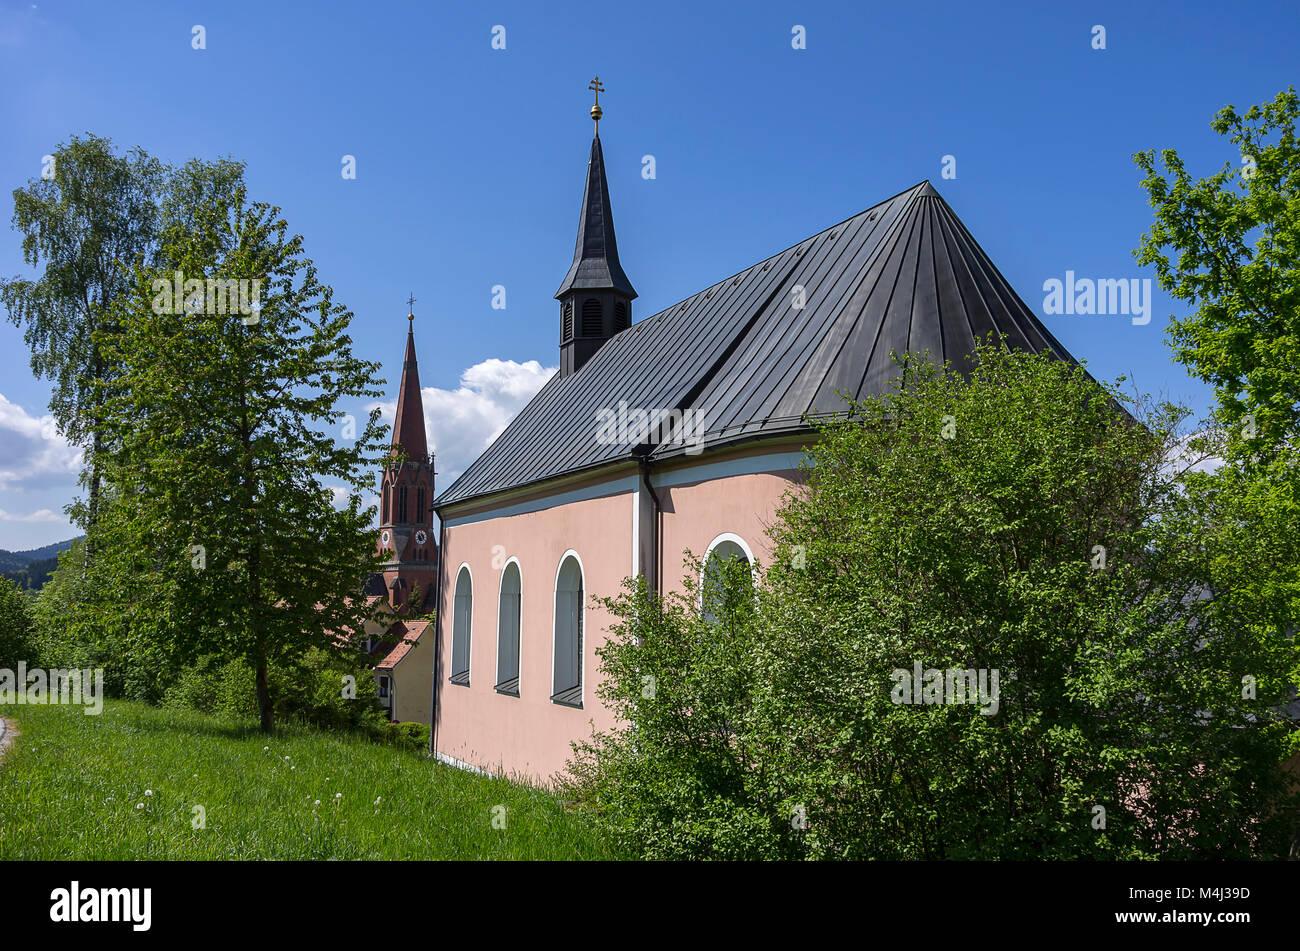 Die Wallfahrtskirche von Maria der Name (Maria Namen) in Zwiesel, Bayerischer Wald, Bayern, Deutschland. Stockbild